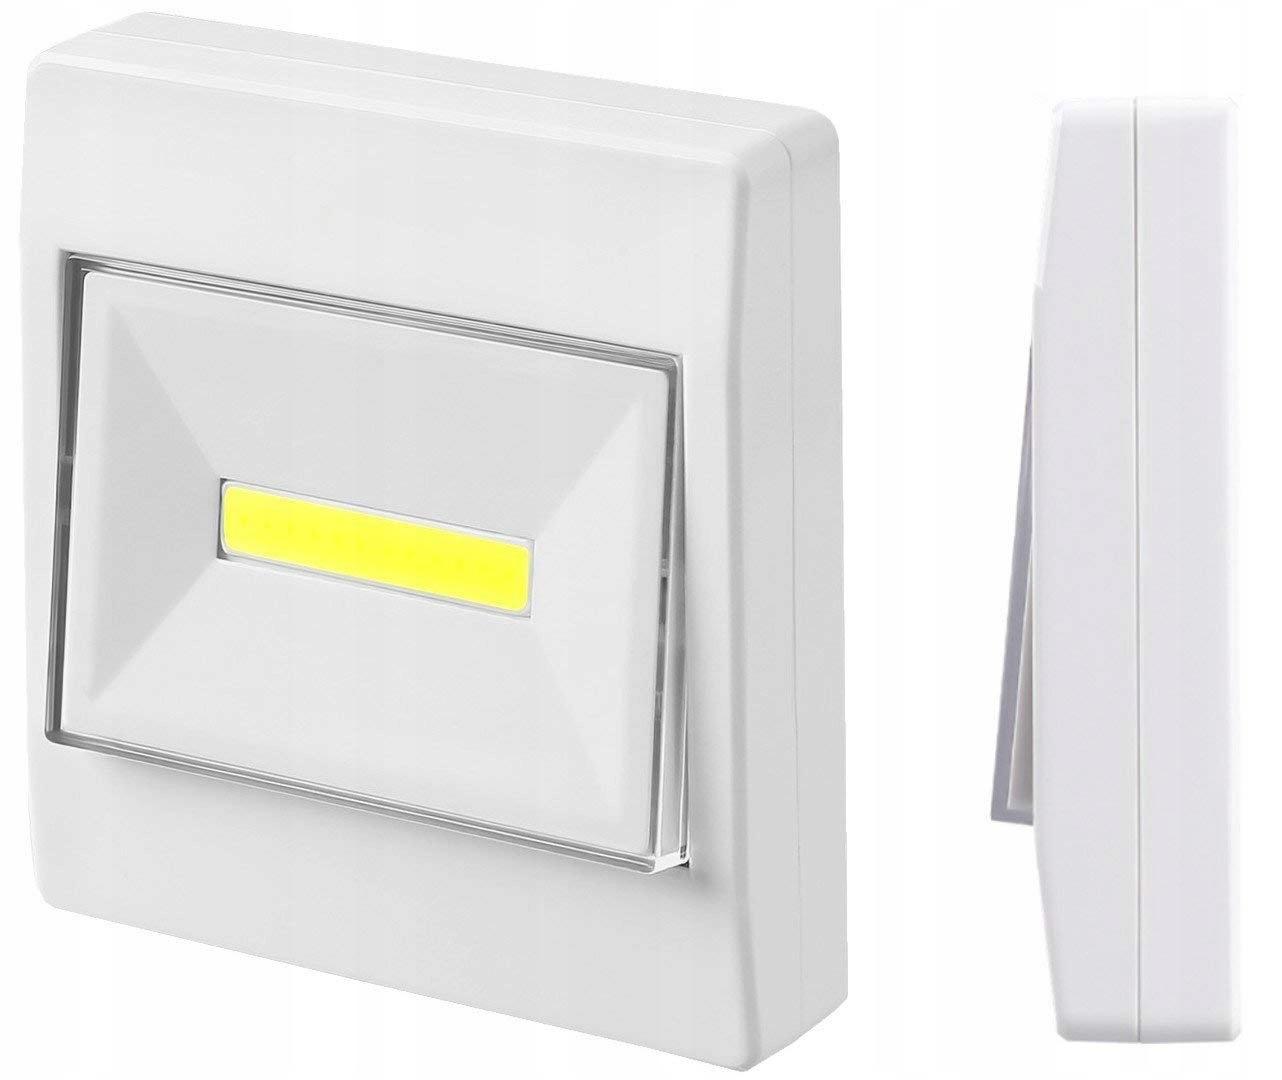 LAMPKA WŁĄCZNIK LED COB 3W NA BATERIE + MAGNES